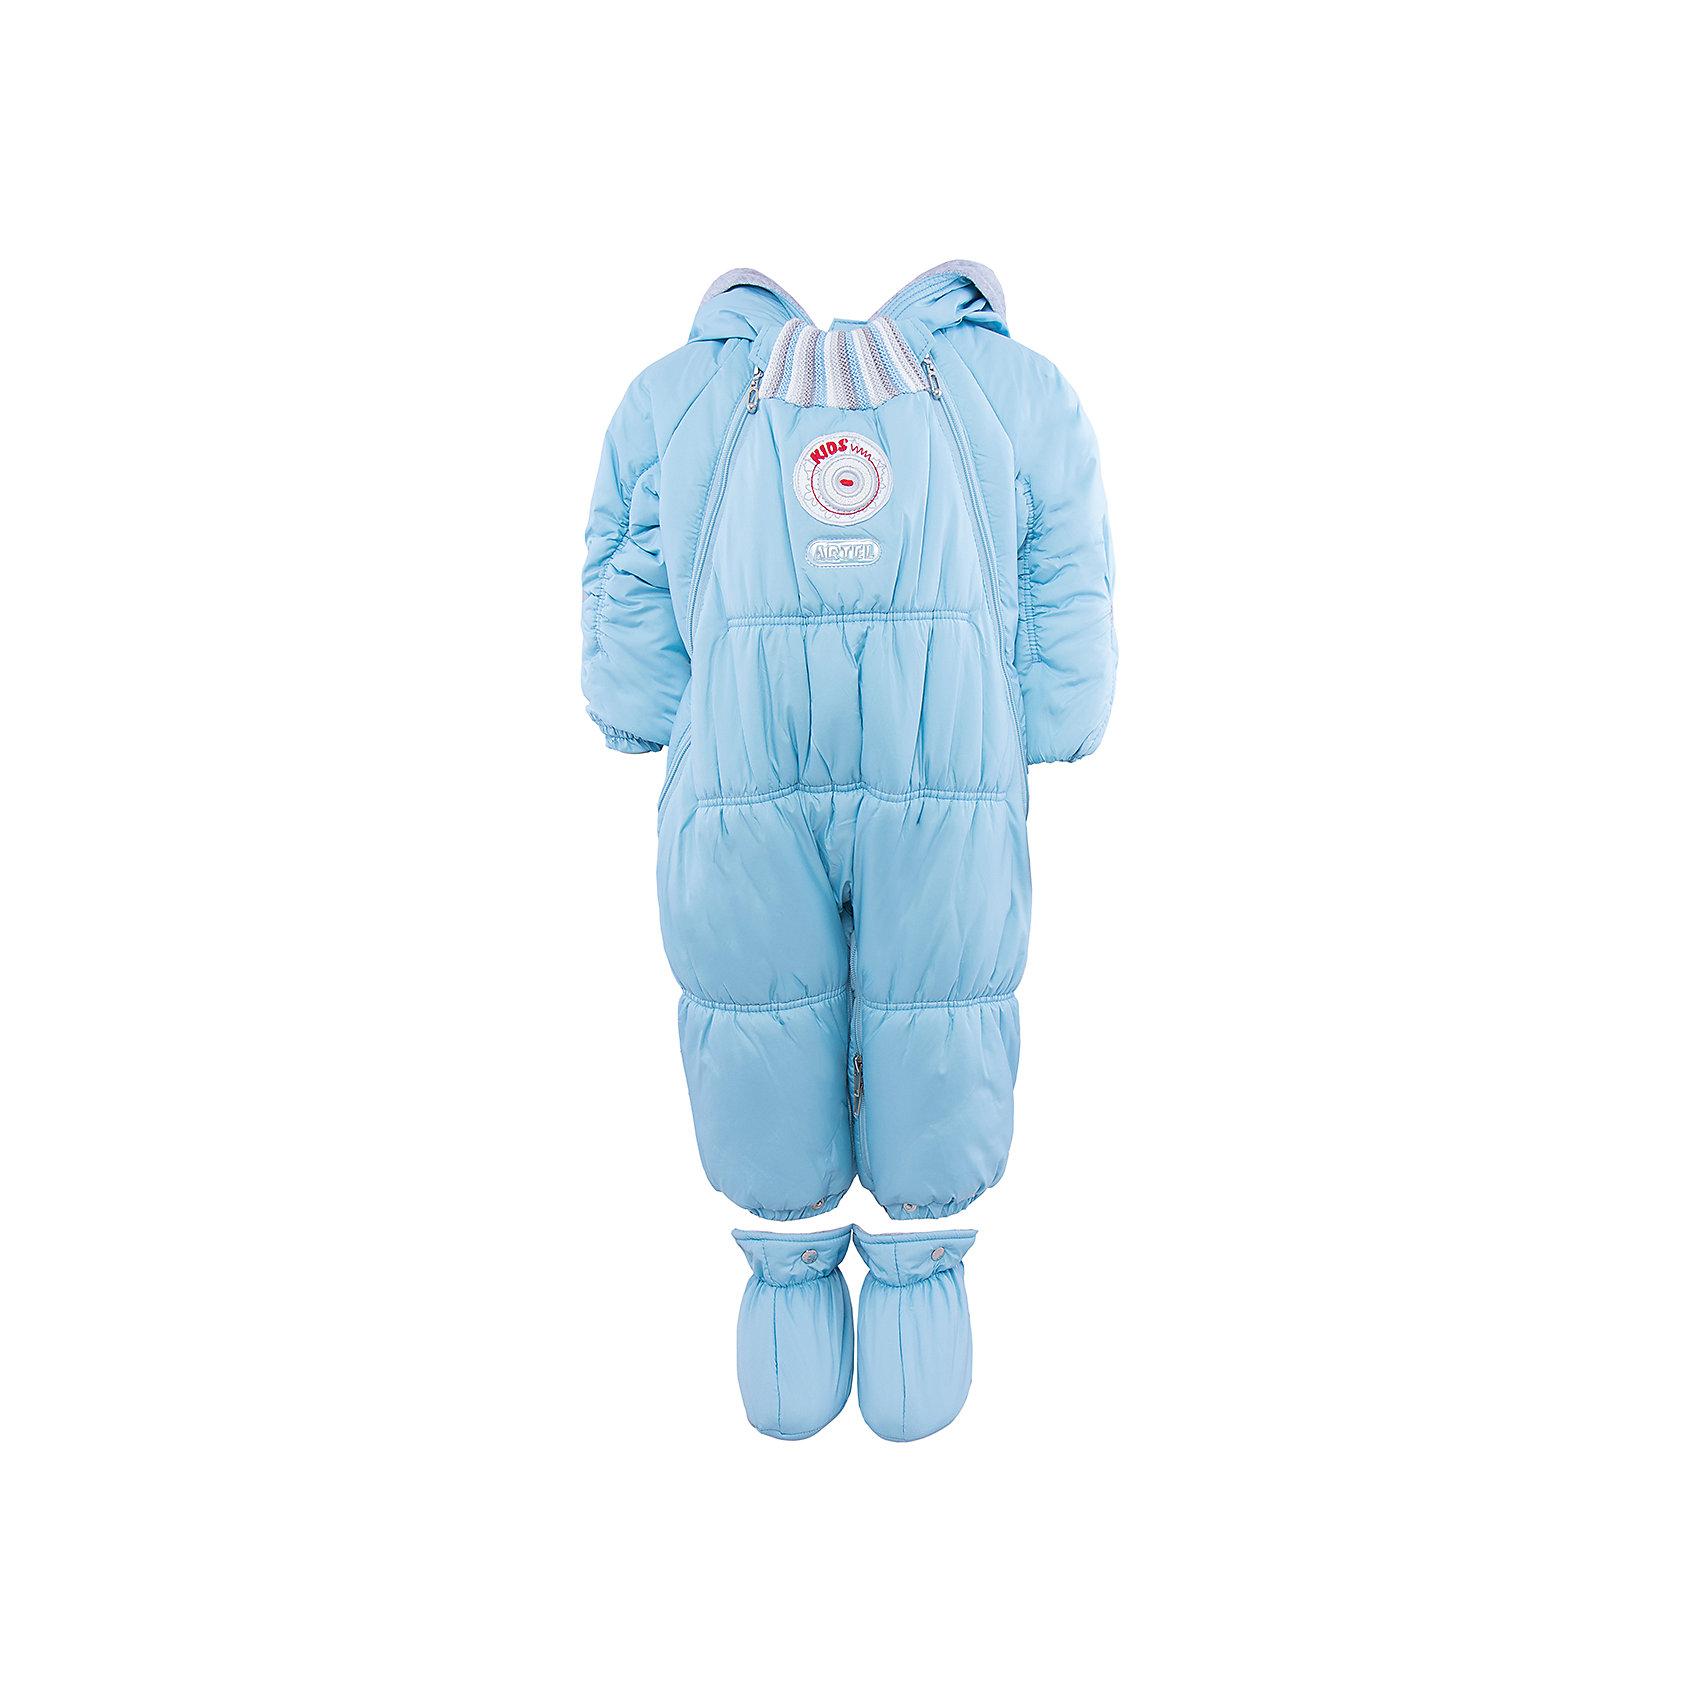 Комбинезон-трансформер для мальчика АртельВерхняя одежда<br>Комбинезон-трансформер для мальчика от известного бренда Артель<br>Комбинезон-трансформер - это отличный вариант одежды для прогулок в холодное время года. Он выполняет функцию полноценного костюма с ножками, в котором удобно носить ребенка на руках, или перевозить в автокресле и теплого уютного спального конверта, в котором ребенку комфортно находиться в коляске. Комбинезон трансформируется в конверт с помощью дополнительных молний. <br>Состав:<br>Верх: YSD 819<br>Подкладка: интерлок<br>Утеплитель: термофайбер 200гр<br><br>Ширина мм: 356<br>Глубина мм: 10<br>Высота мм: 245<br>Вес г: 519<br>Цвет: голубой<br>Возраст от месяцев: 6<br>Возраст до месяцев: 9<br>Пол: Мужской<br>Возраст: Детский<br>Размер: 74,62,68<br>SKU: 4963473